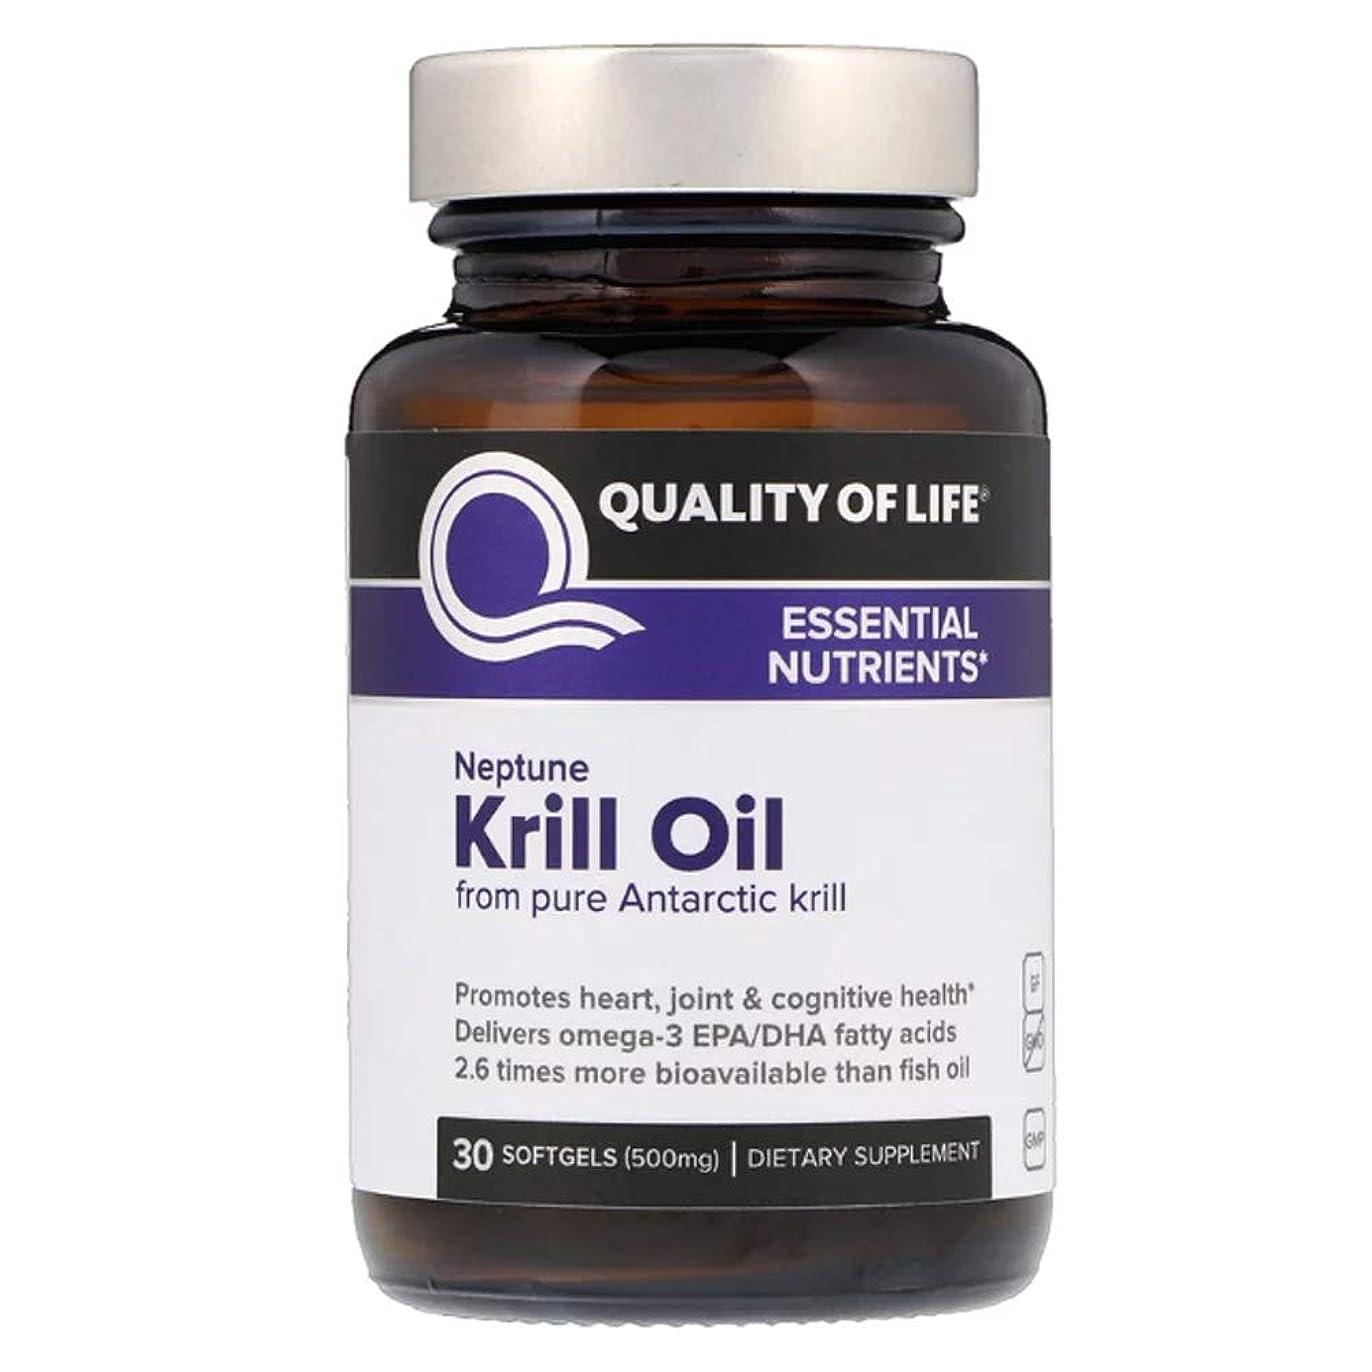 影響力のある若さ静脈Quality of Life Labs ネプチューンクリルオイル 必須栄養素 500 mg ソフトジェル 30個 【アメリカ直送】